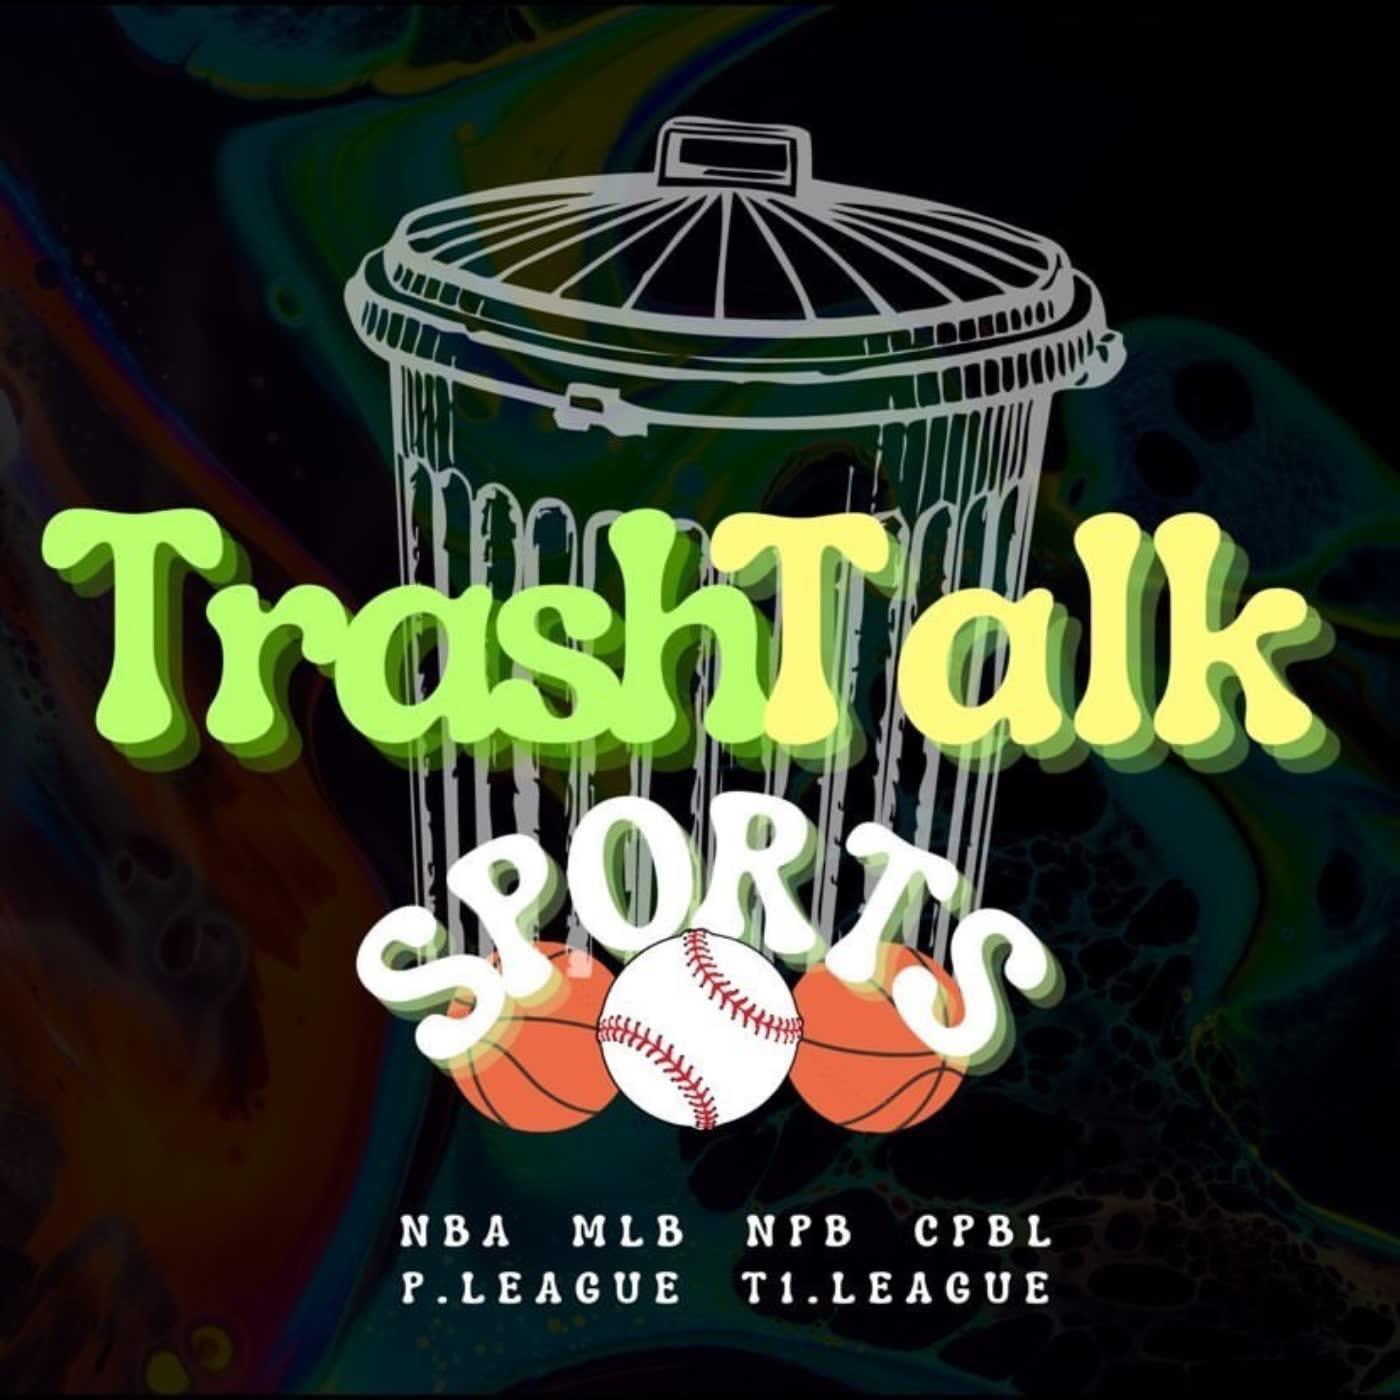 Trash Talk Sports